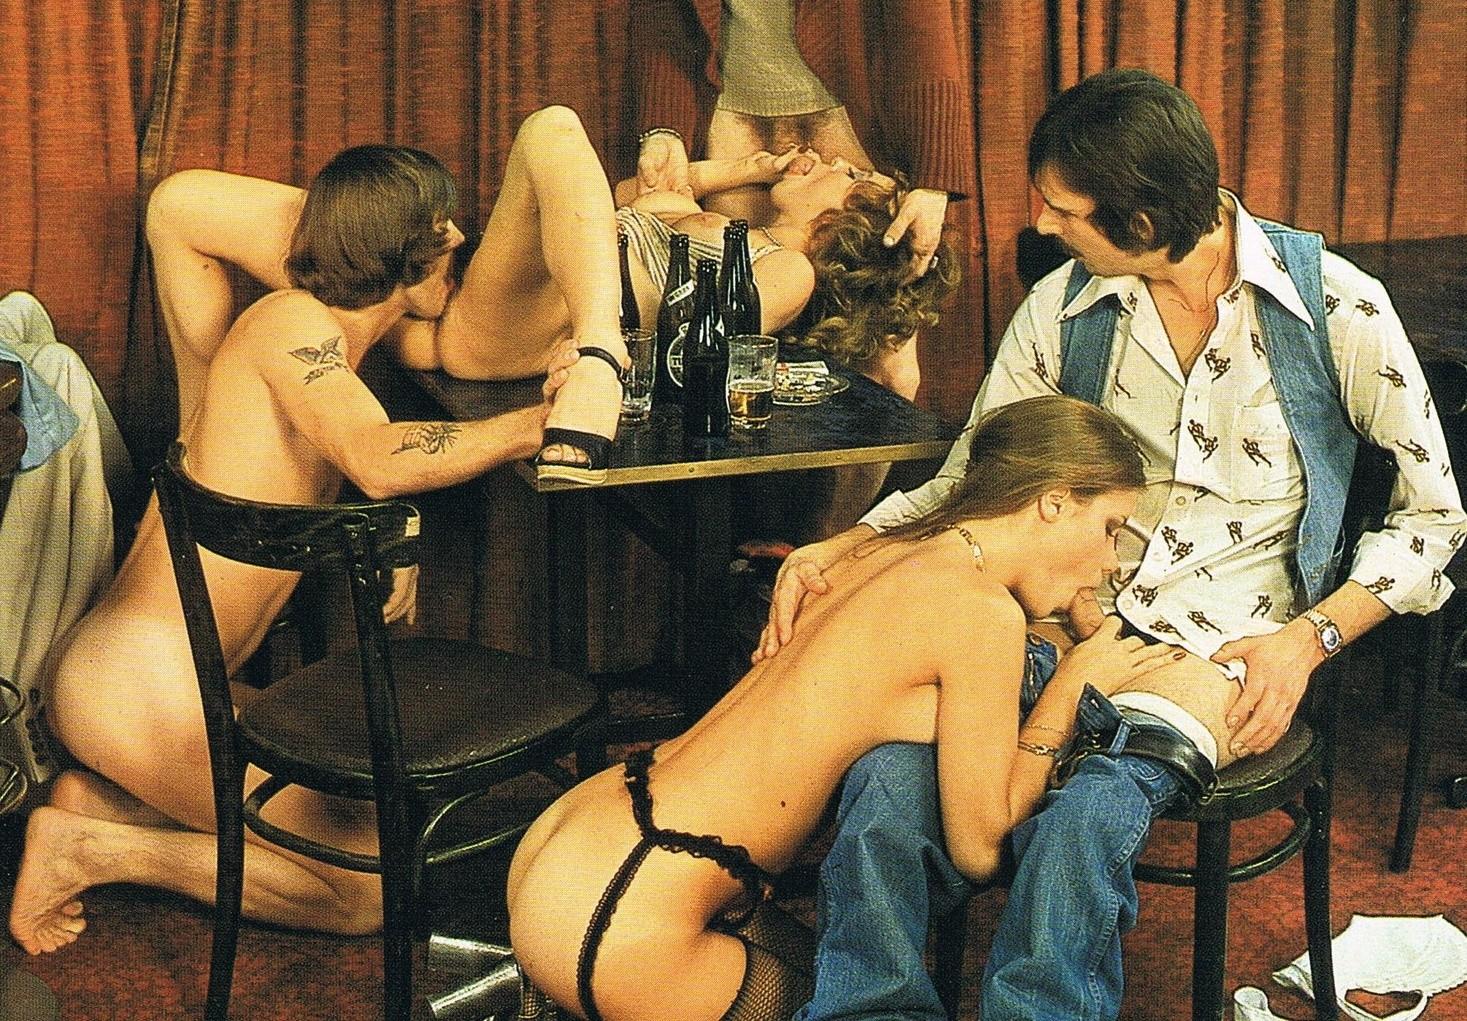 Первый бар, где работницы предлагали интим услуги посетителям, уж они-то были крайне довольны